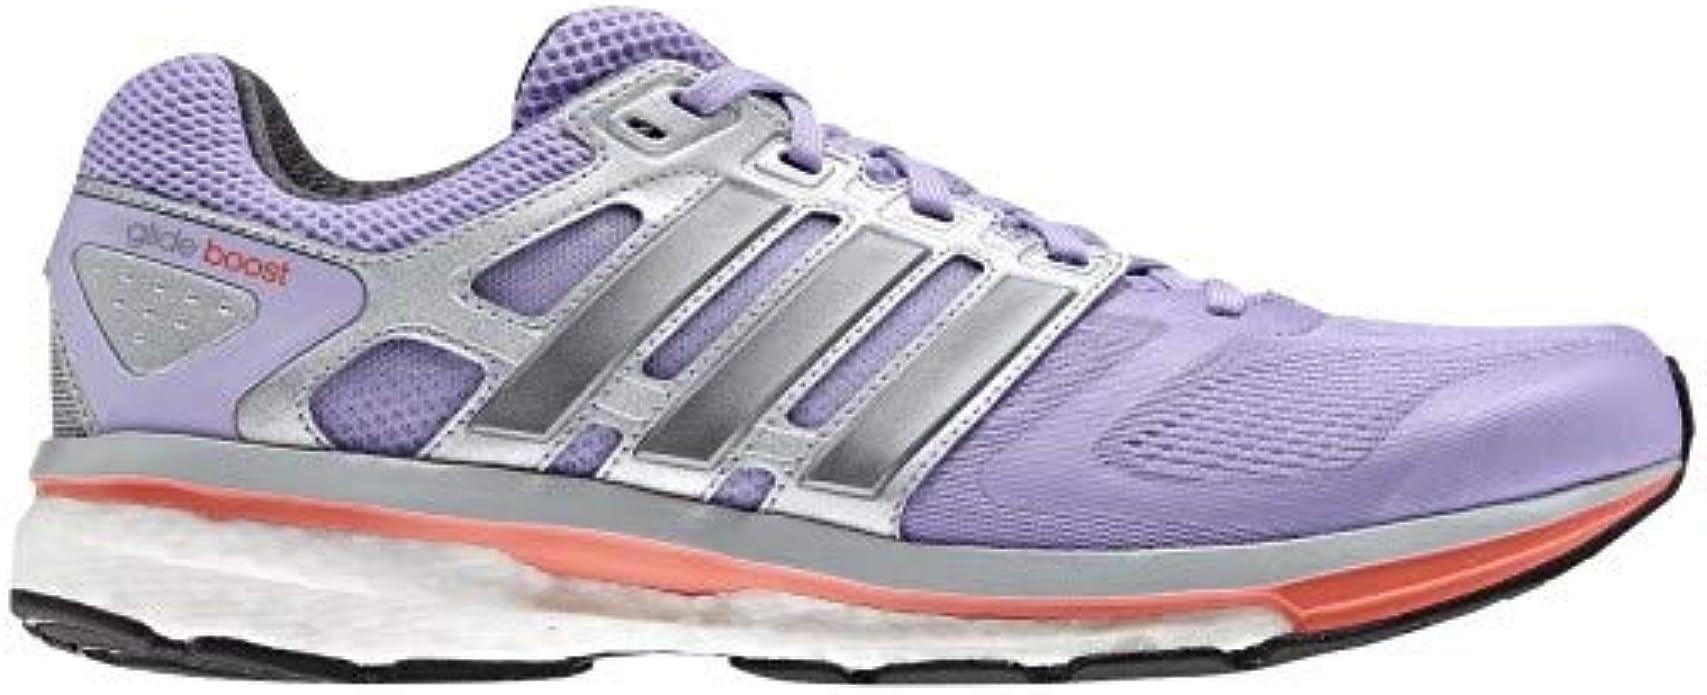 adidas Supernova Glide 6 Zapatillas de Running para Mujer, Mujer, glopur/metsi, 36: Amazon.es: Deportes y aire libre